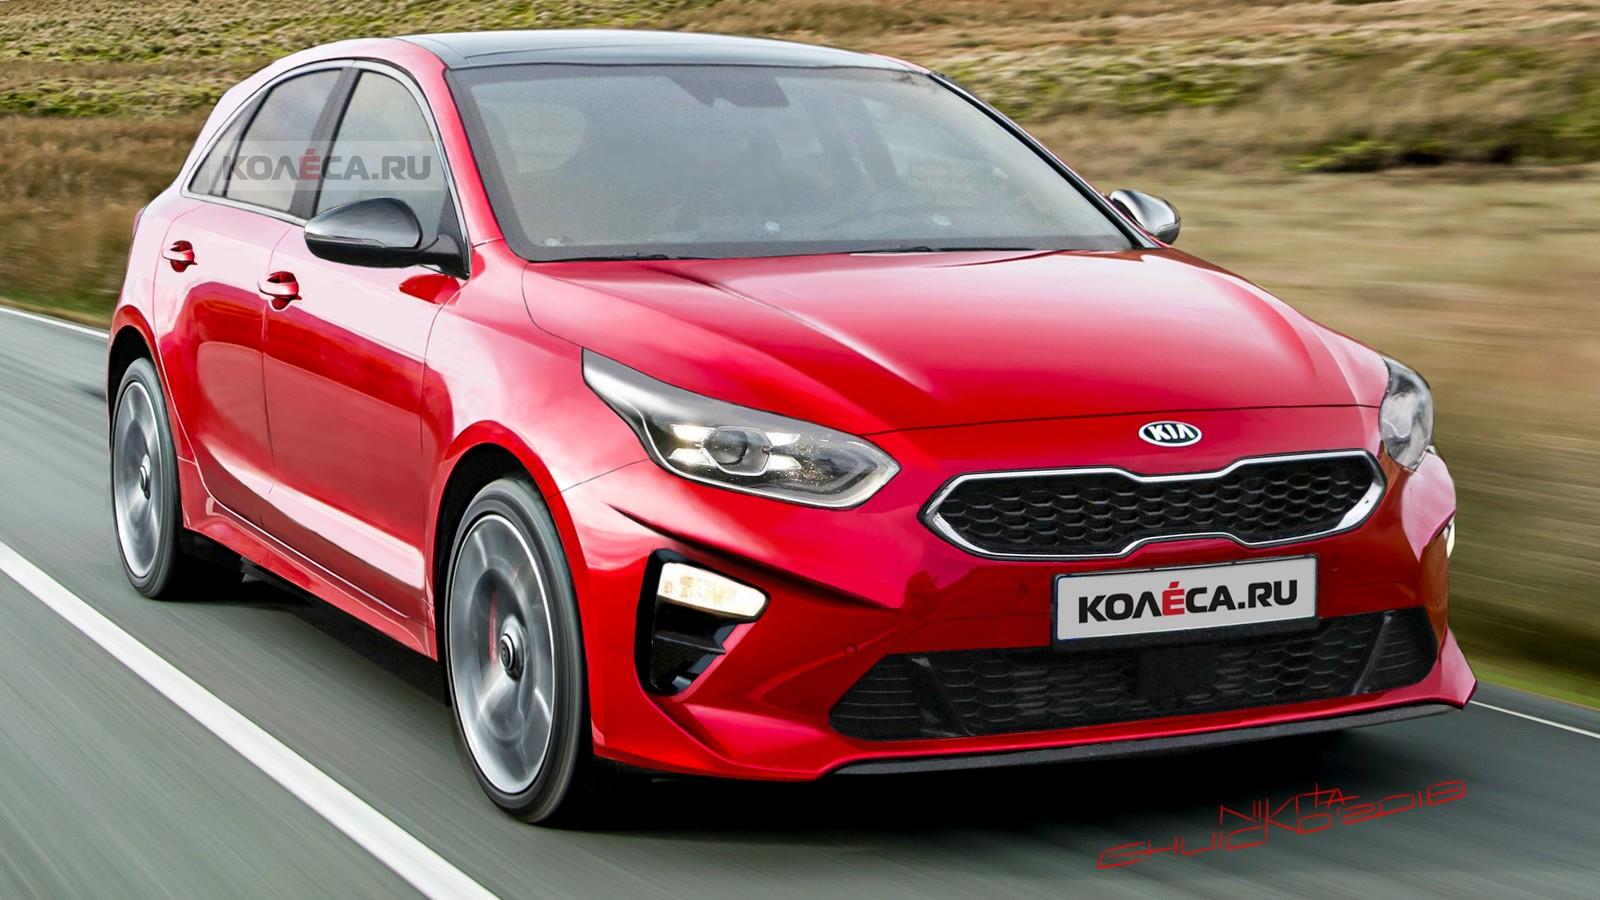 Kia Ceed front2-1